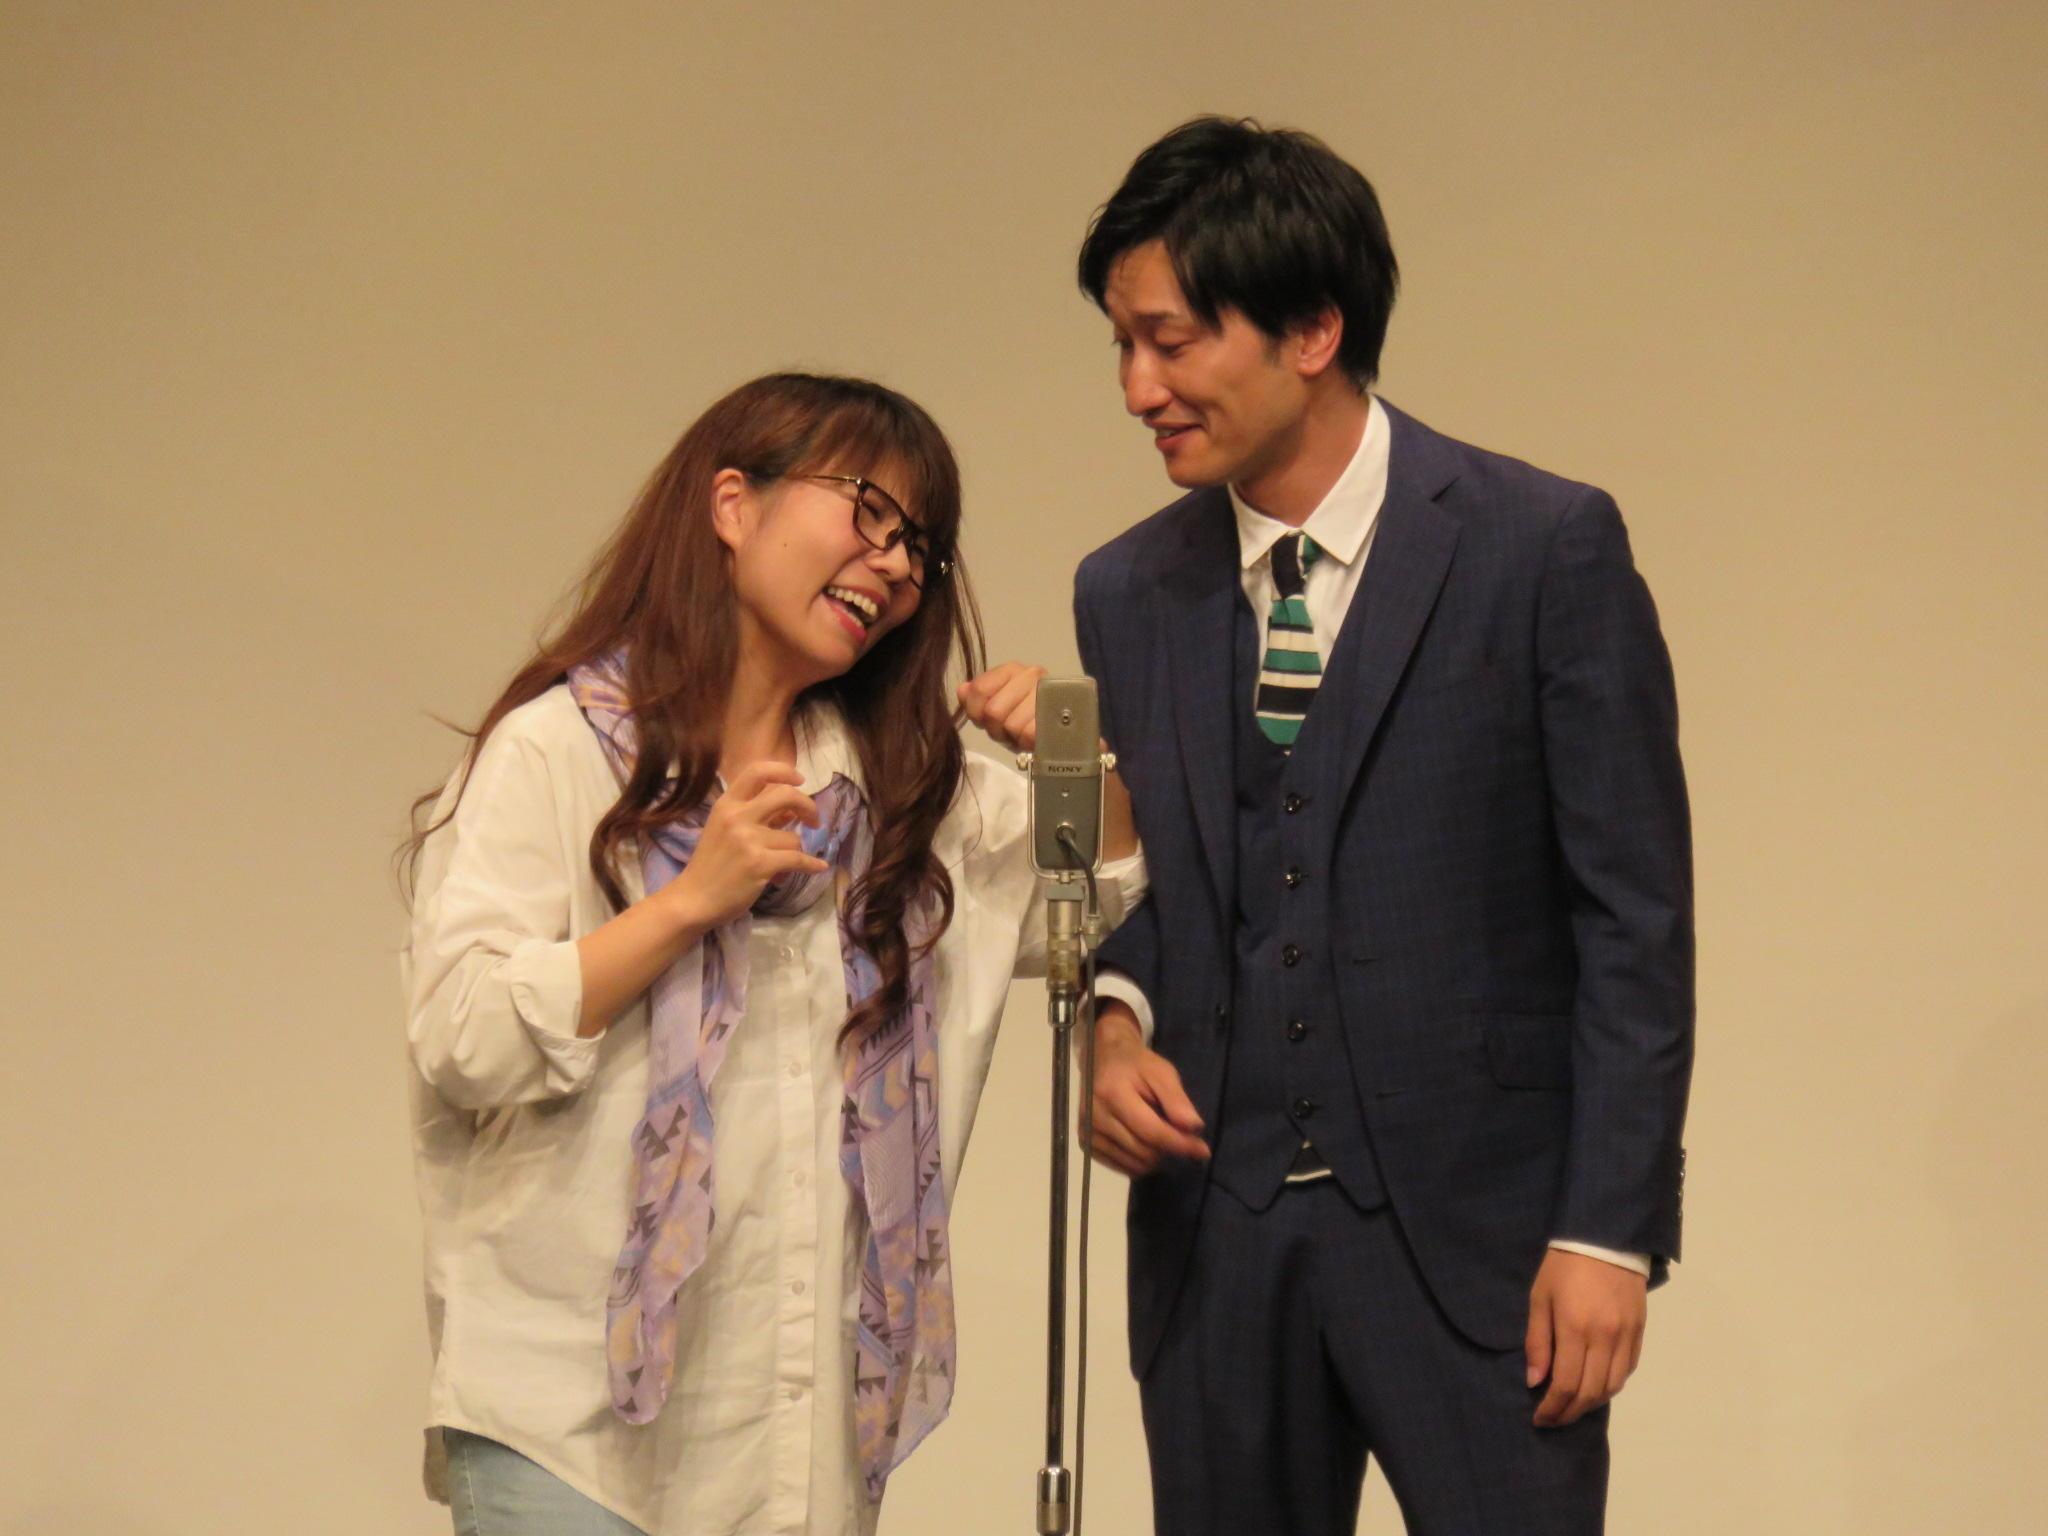 http://news.yoshimoto.co.jp/20170810215327-4ea402a0f3c6cd8855e9c632a7540abb75d1e0da.jpg